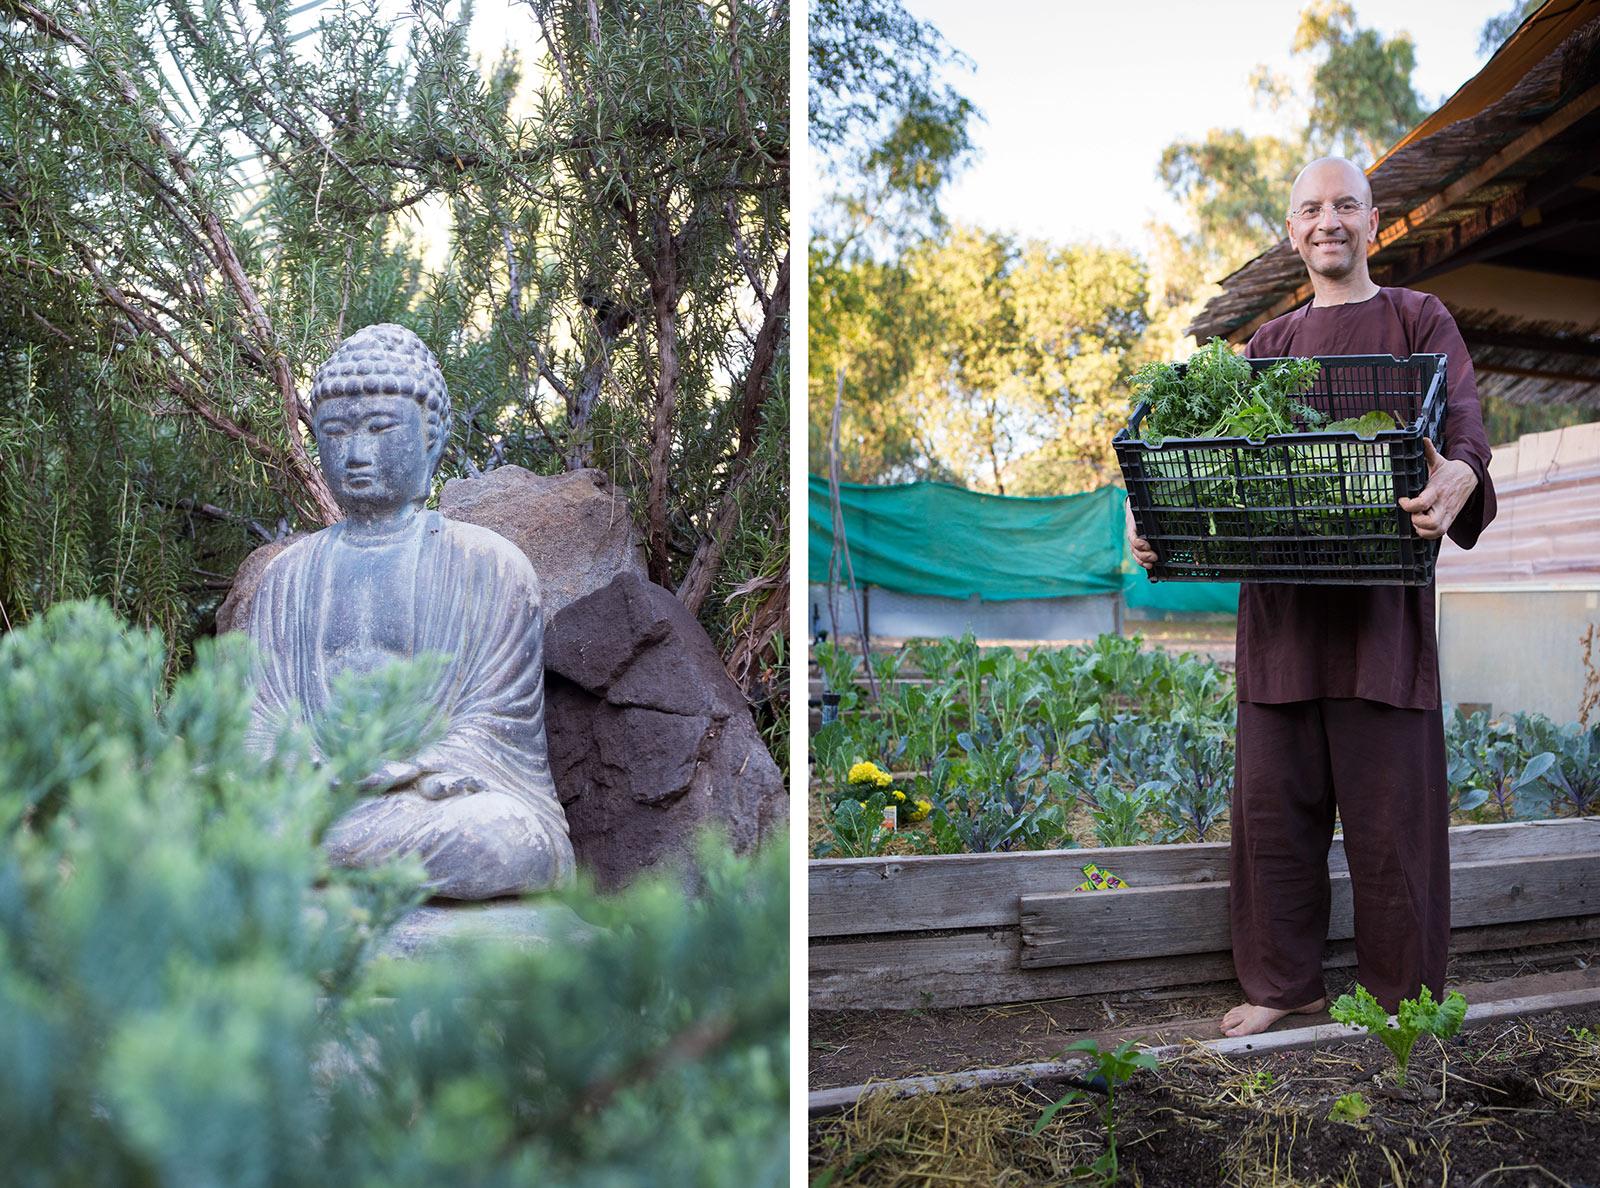 diephuis-garden-buddhist.jpg